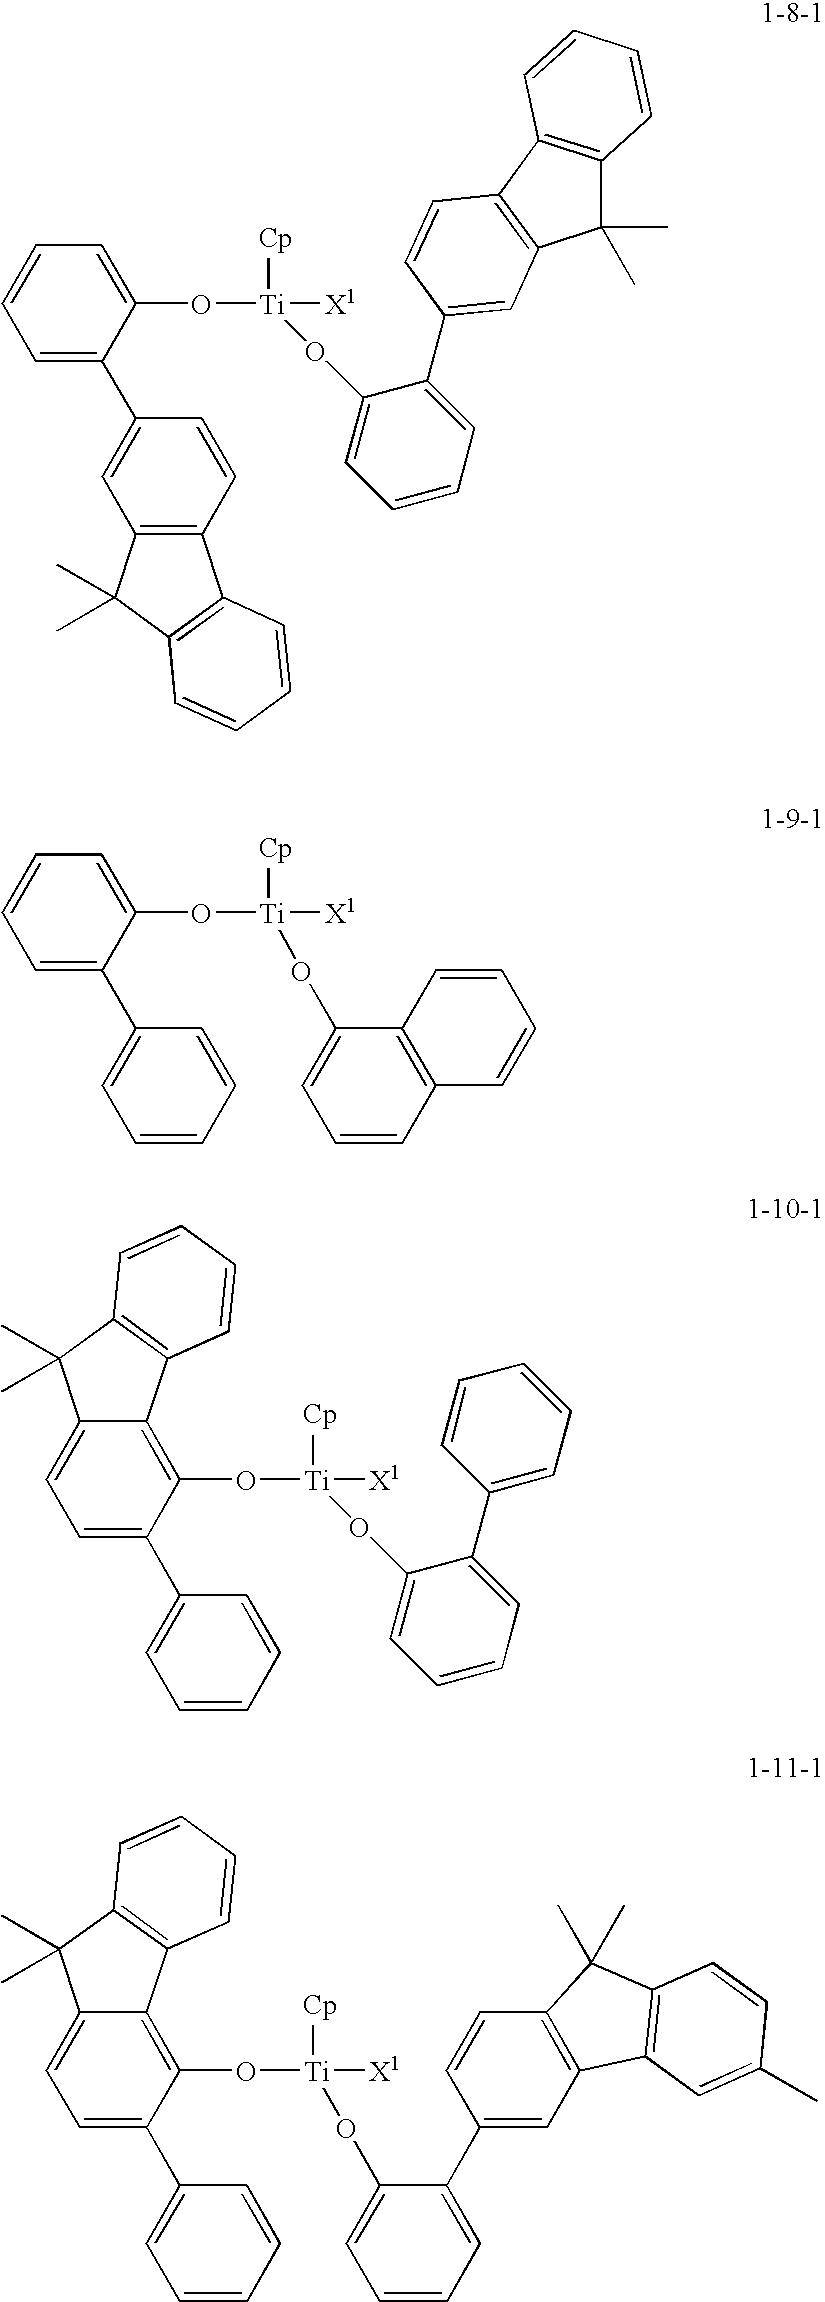 Figure US20100120981A1-20100513-C00021